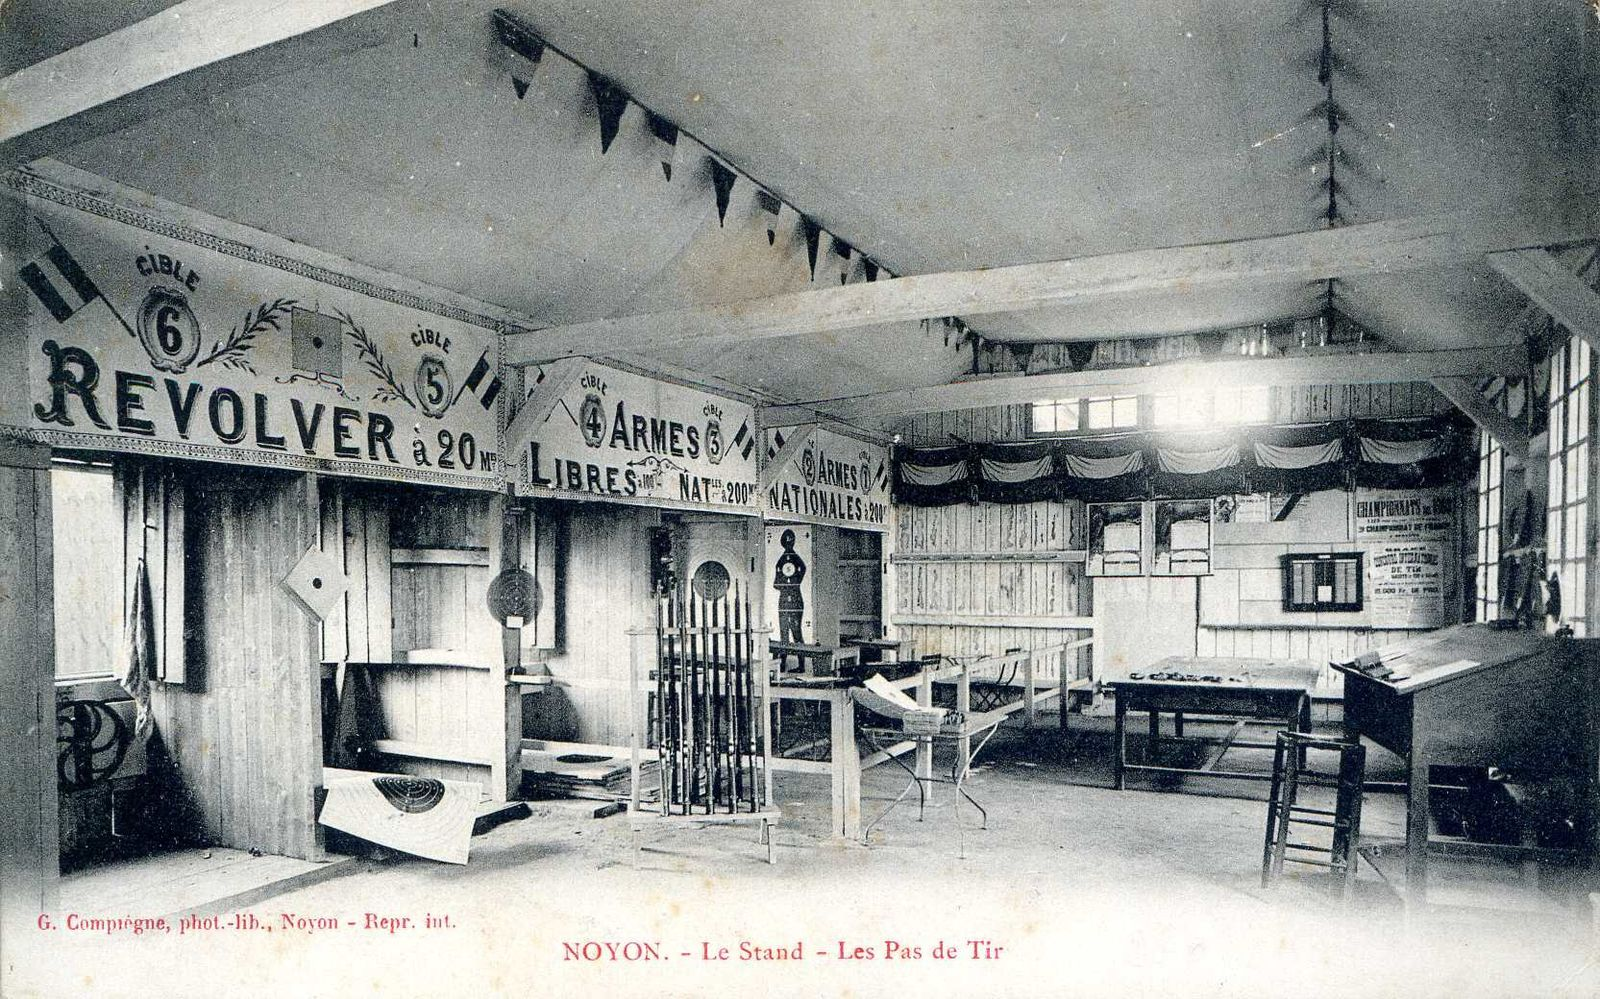 Album - la ville de Noyon (Oise), diverses activités sportives